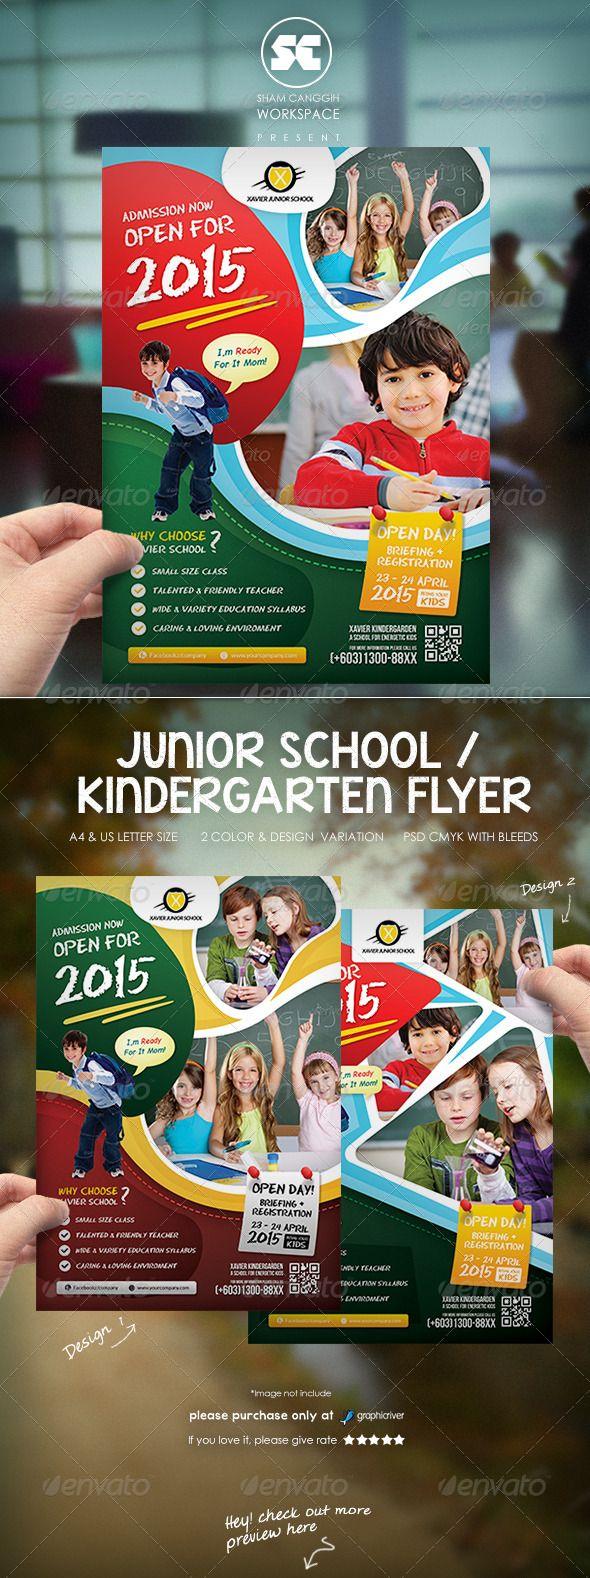 Kindergarten Junior School Flyer